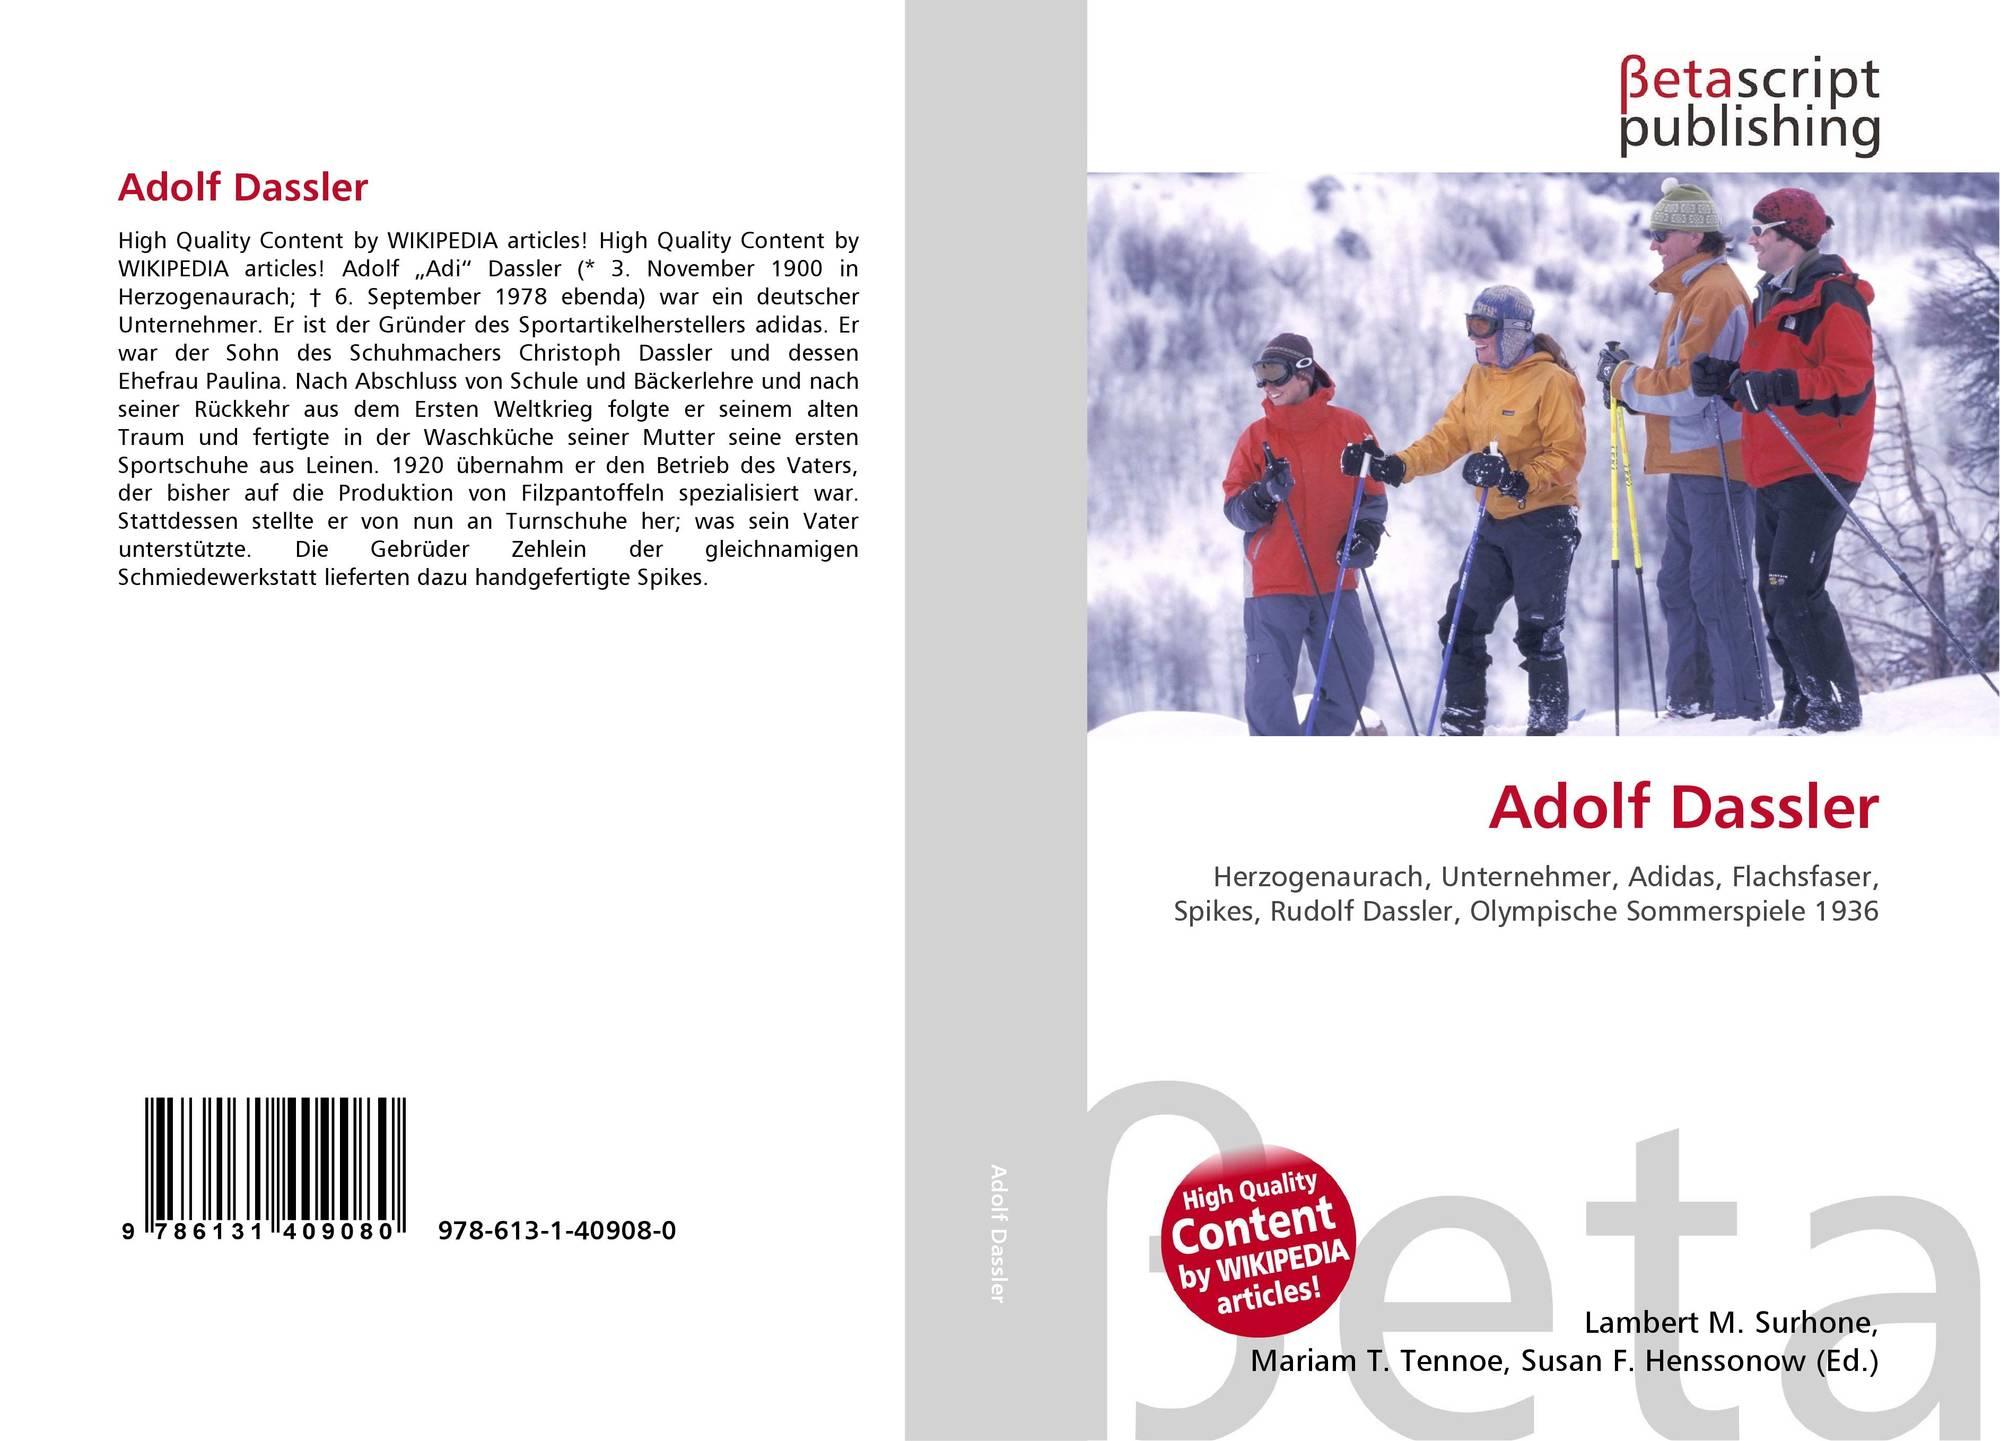 Adolf Dassler, 978 613 1 40908 0, 6131409080 ,9786131409080